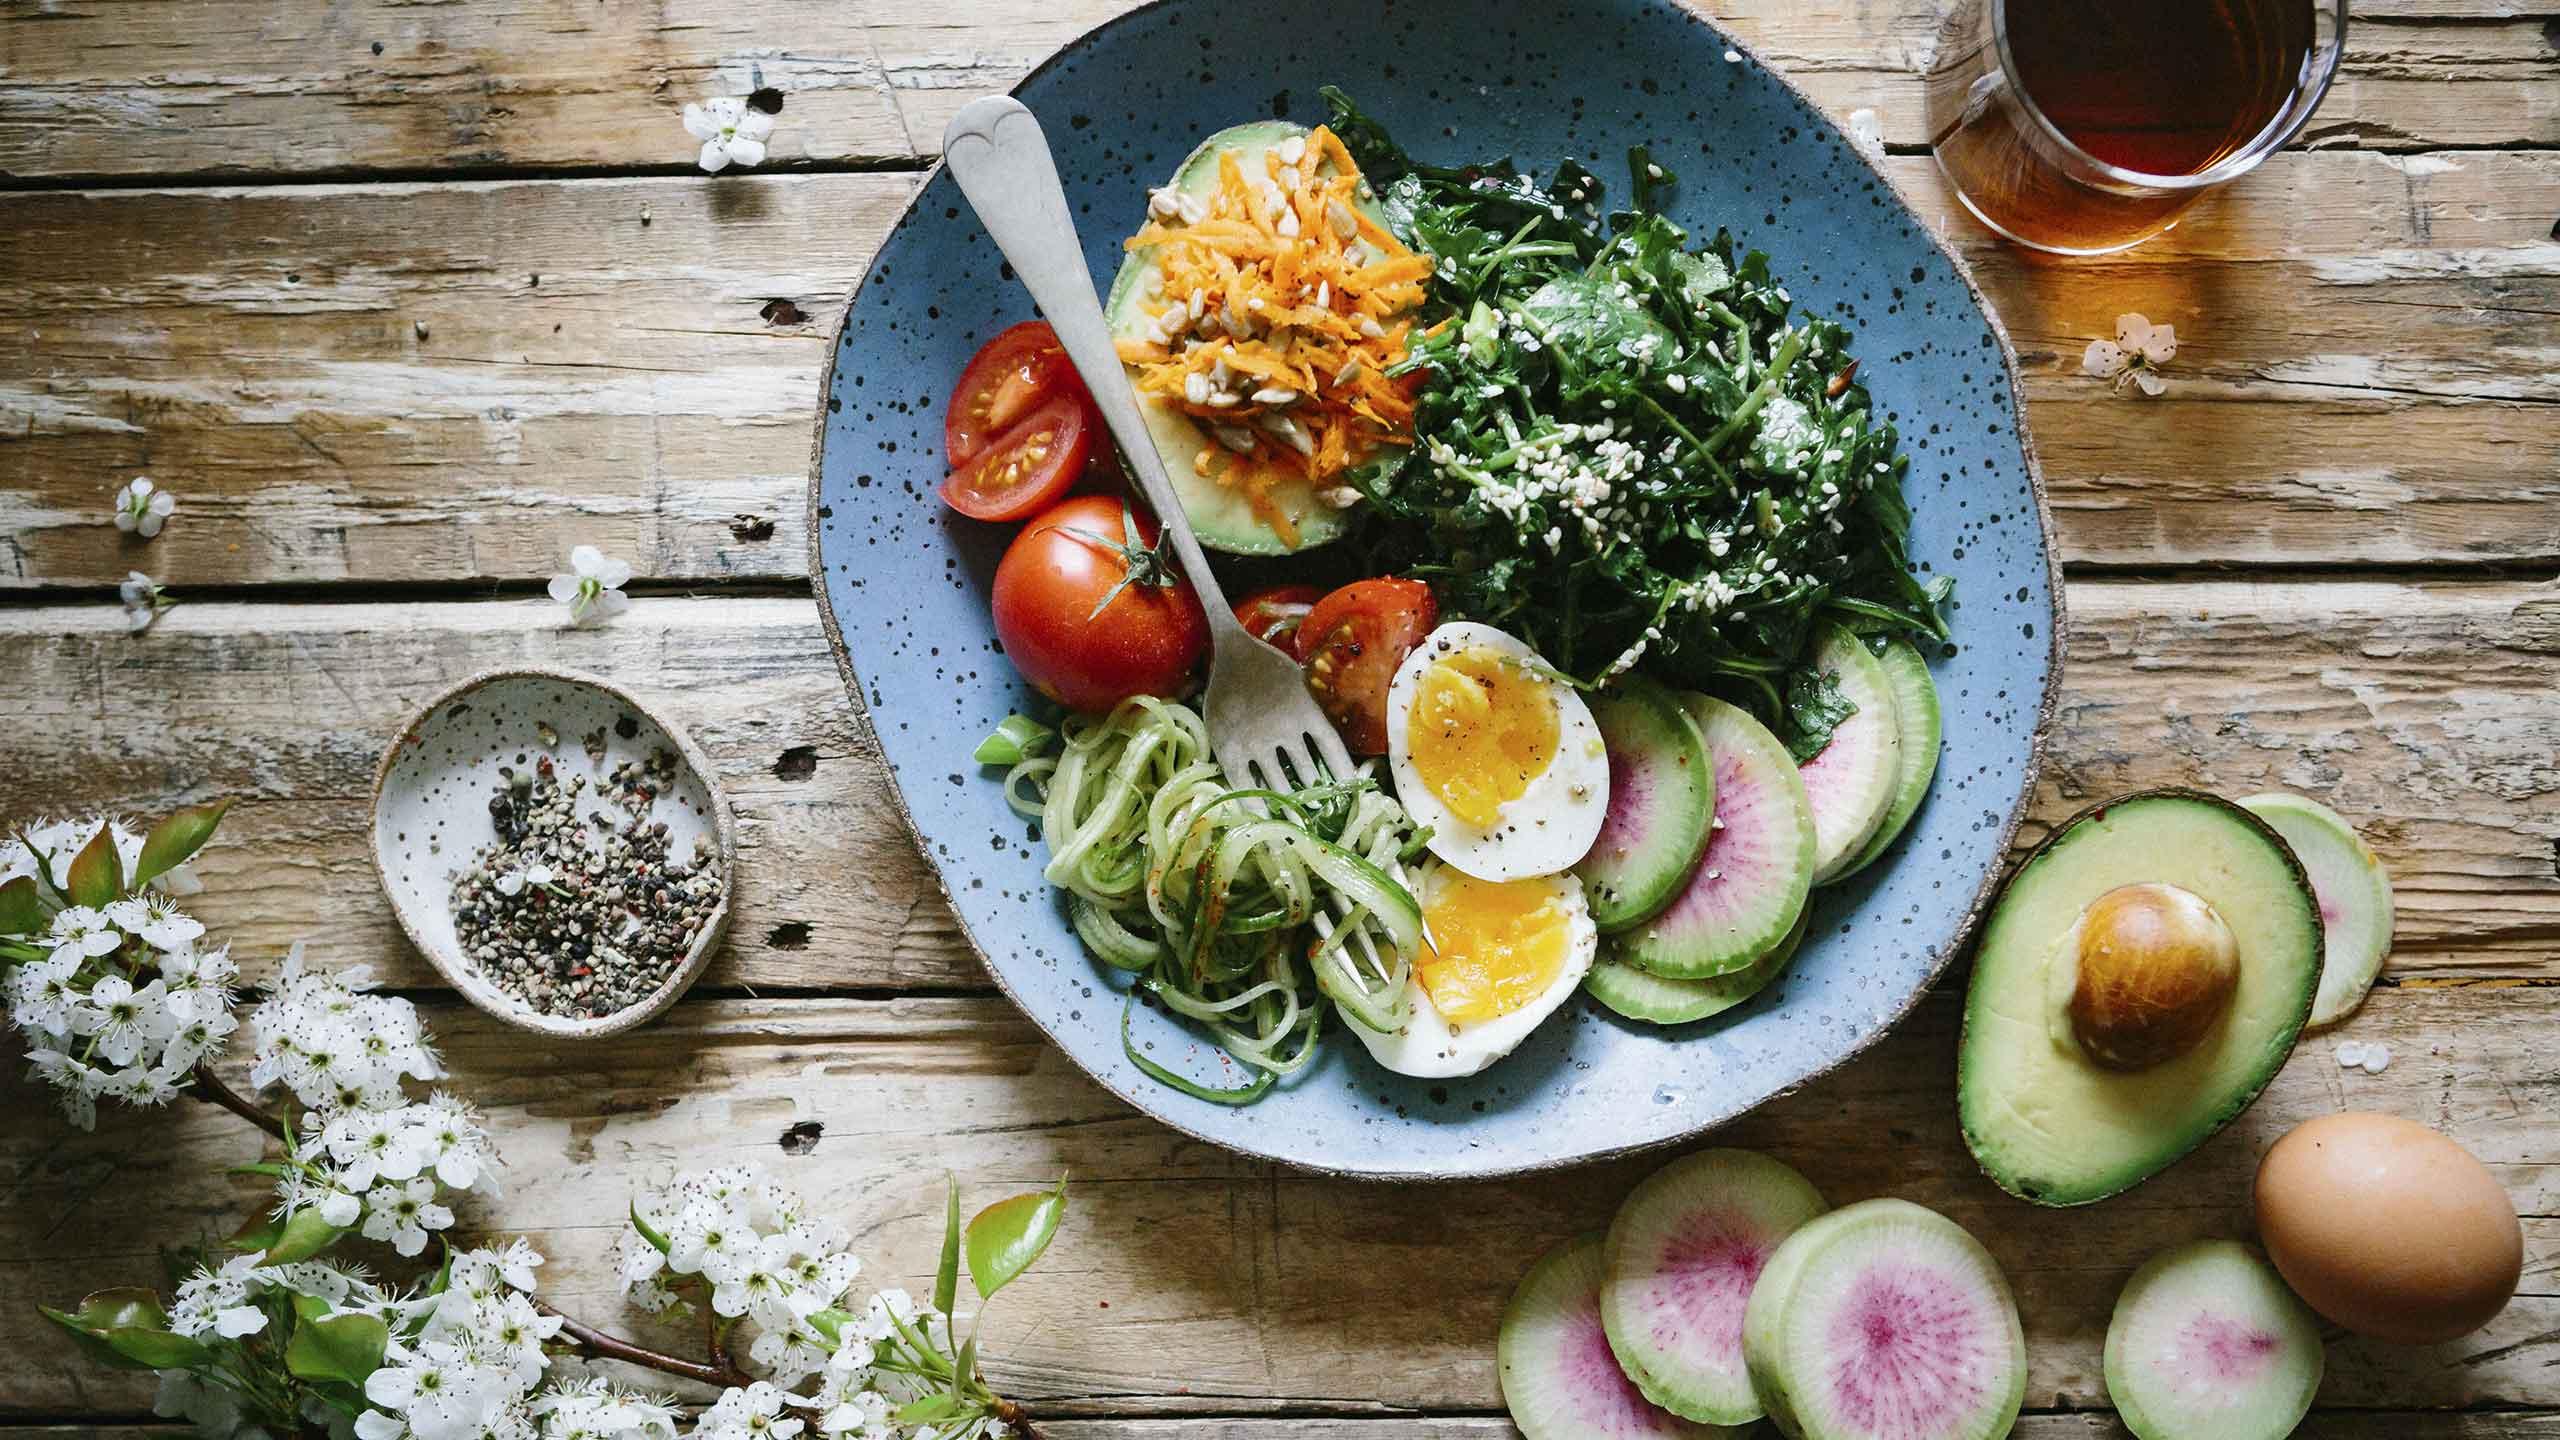 Pudota painoa ruokavalion ja kuntoilun avulla